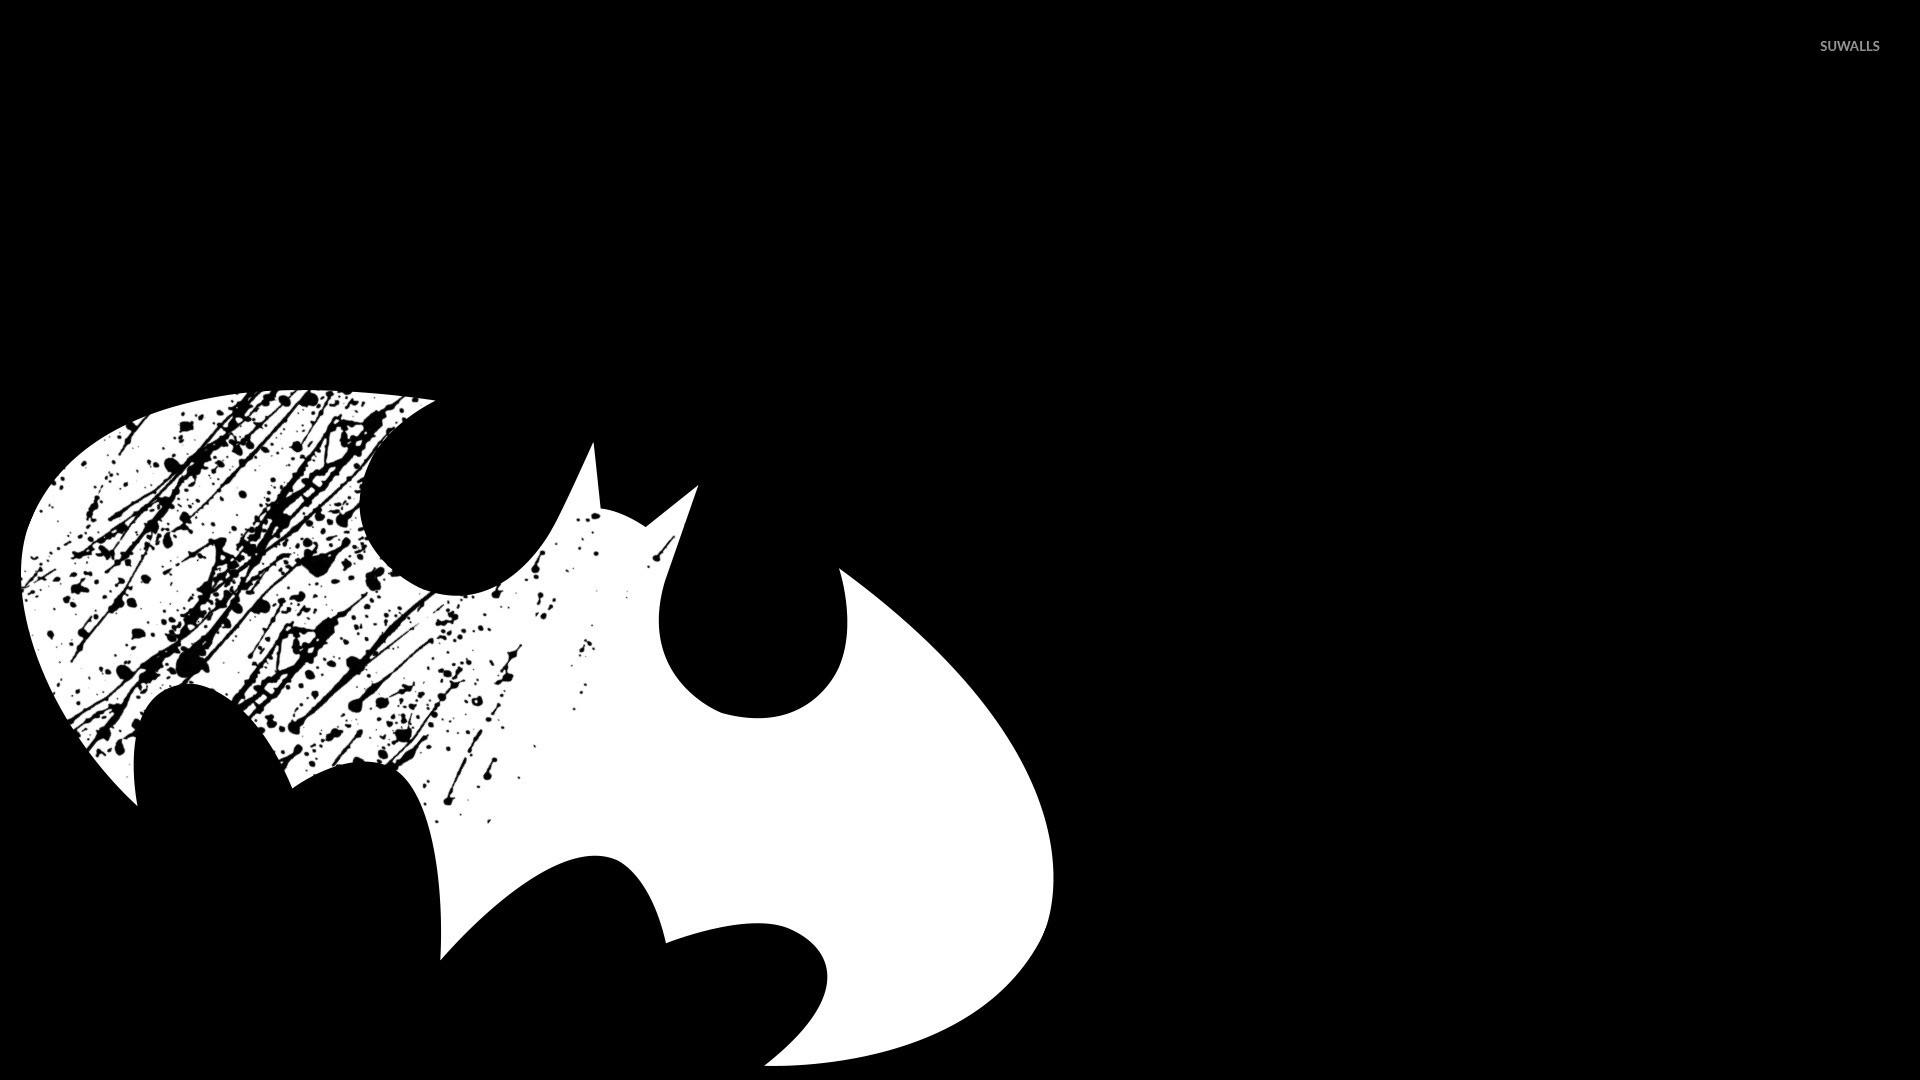 Batman Symbol Wallpaper 76 Images